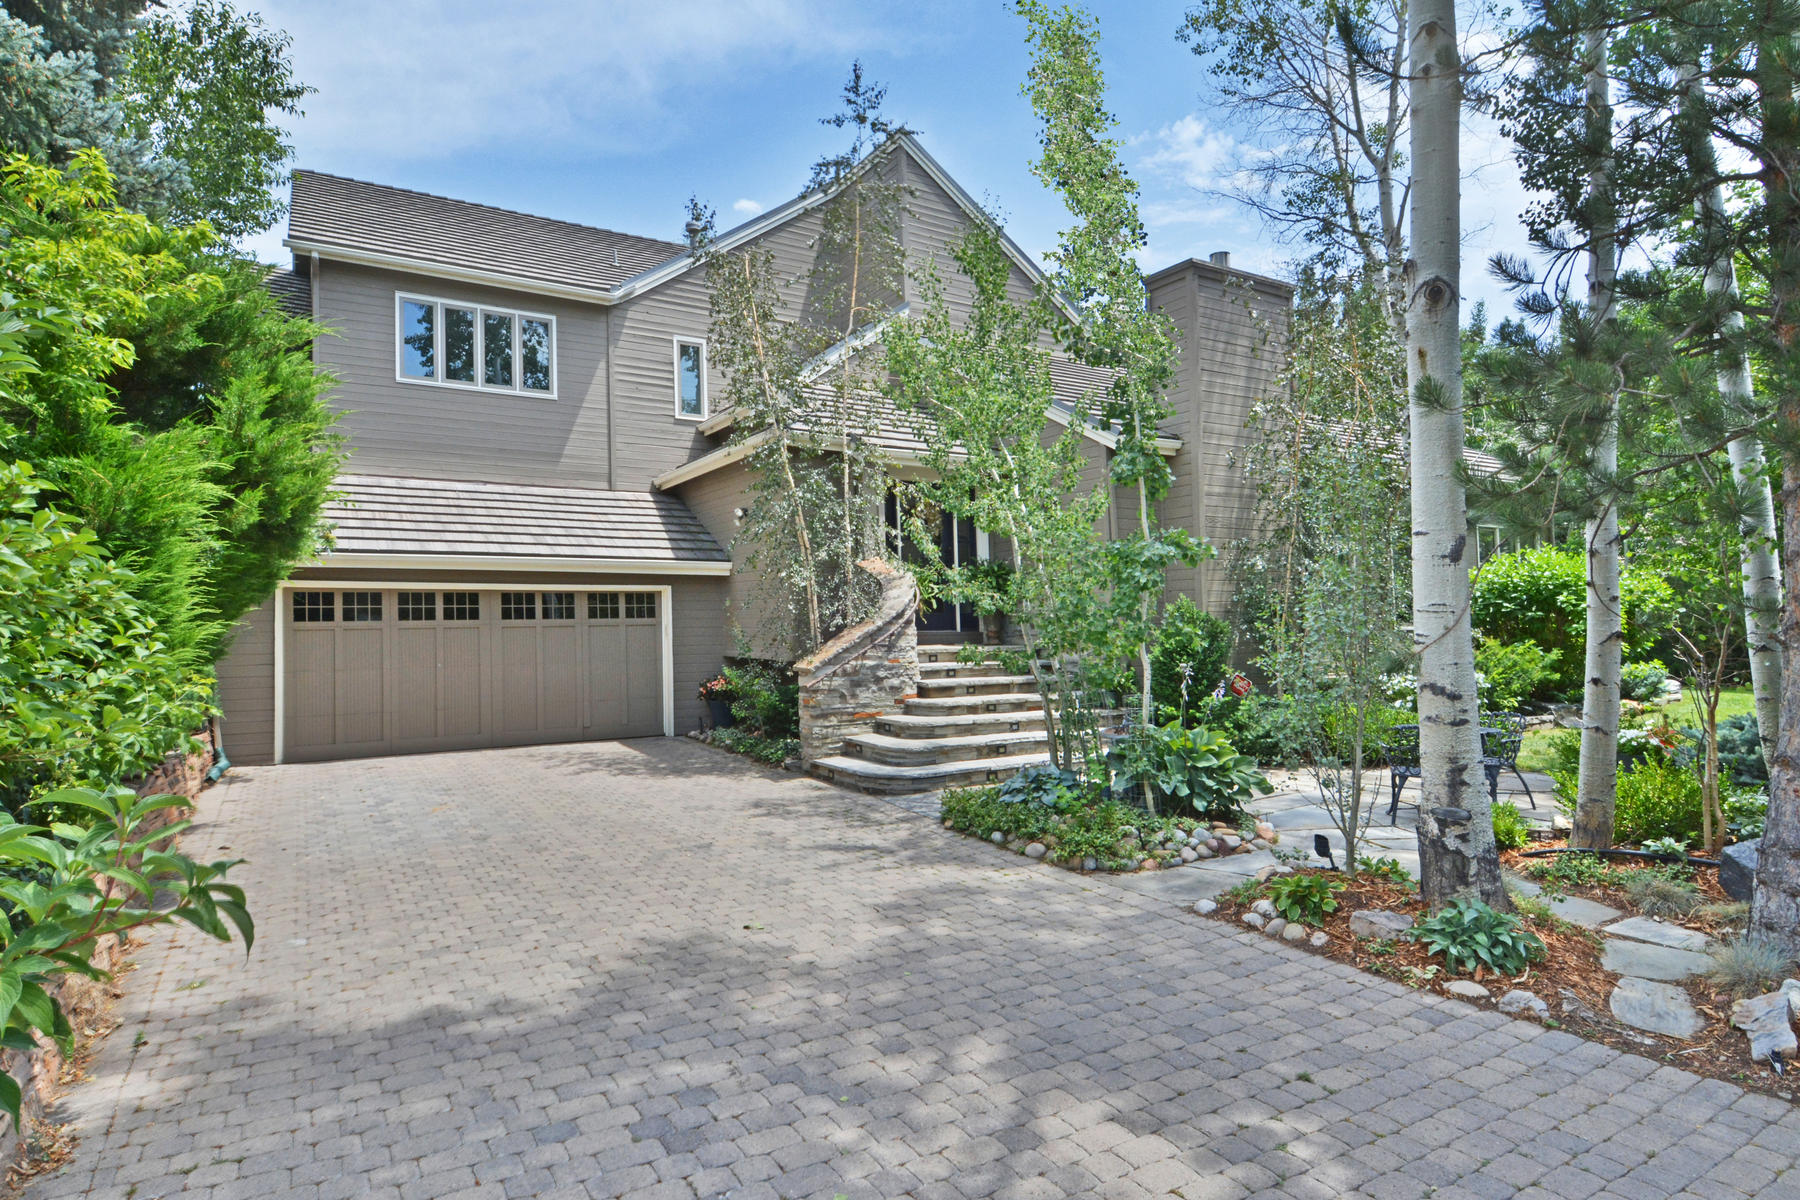 Casa Unifamiliar por un Venta en Amazing North Boulder Home 3890 Norwood Ct Boulder, Colorado, 80304 Estados Unidos